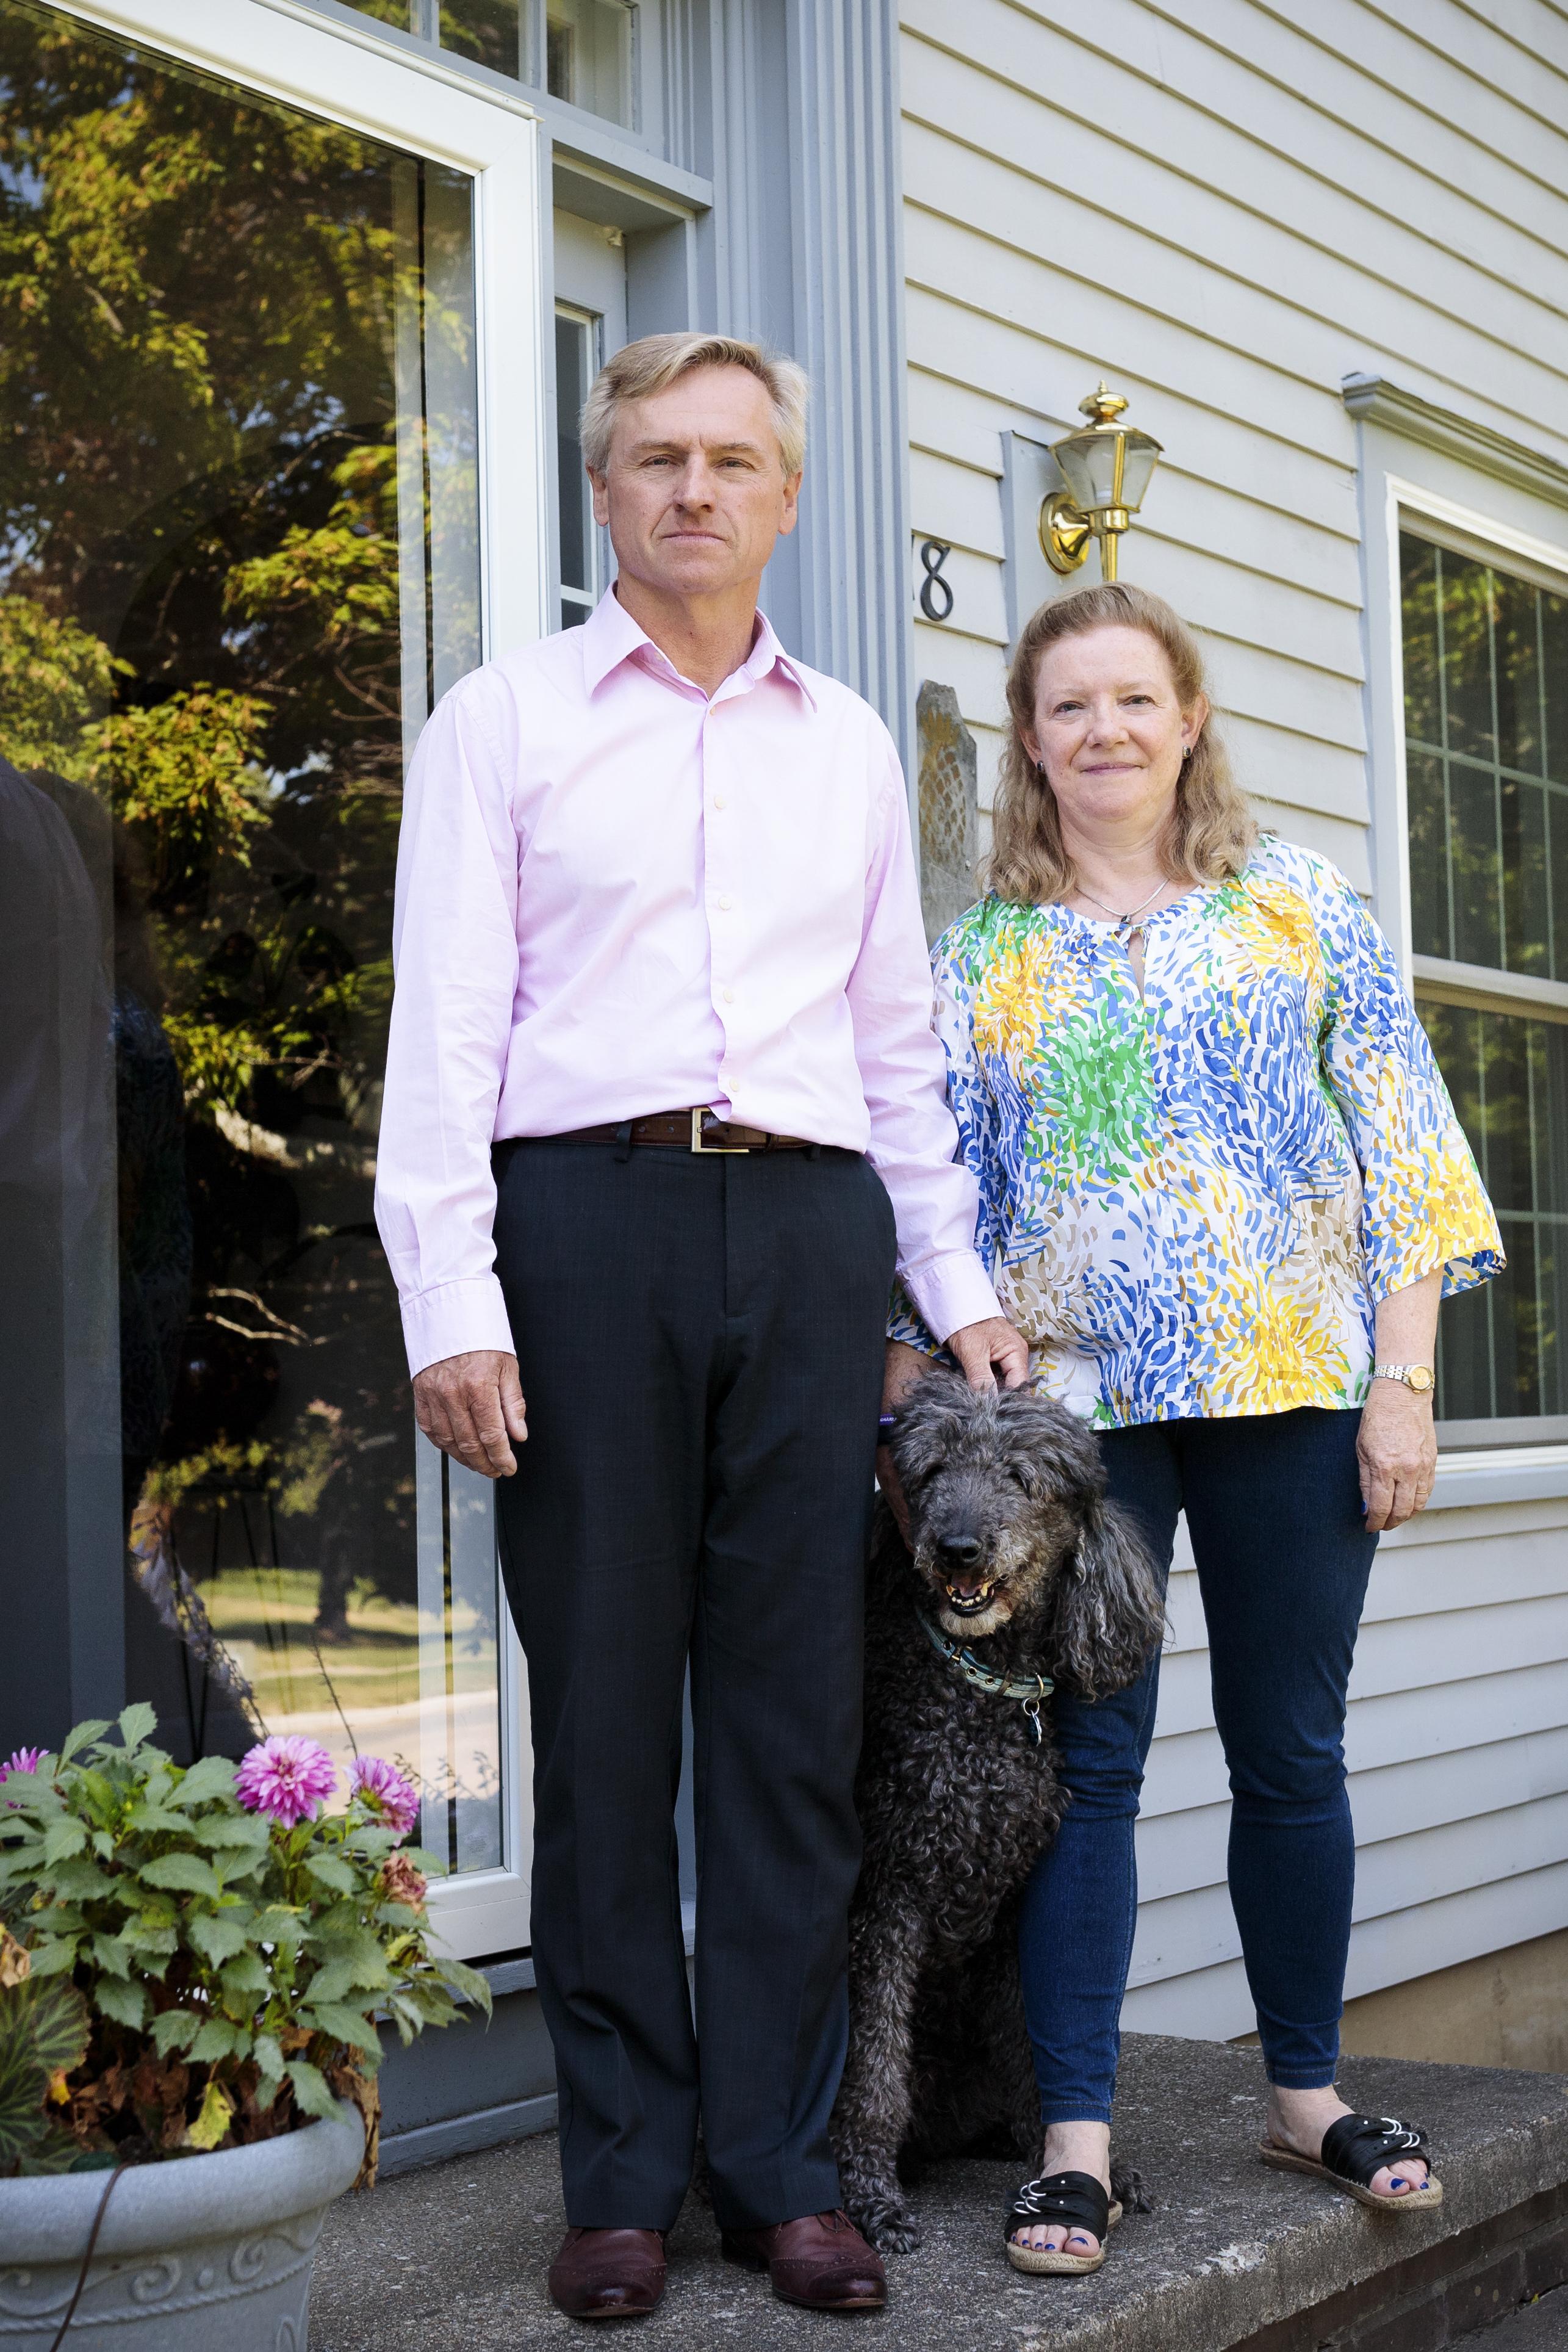 She spent more than $110,000 on drug rehab. Her son still died.